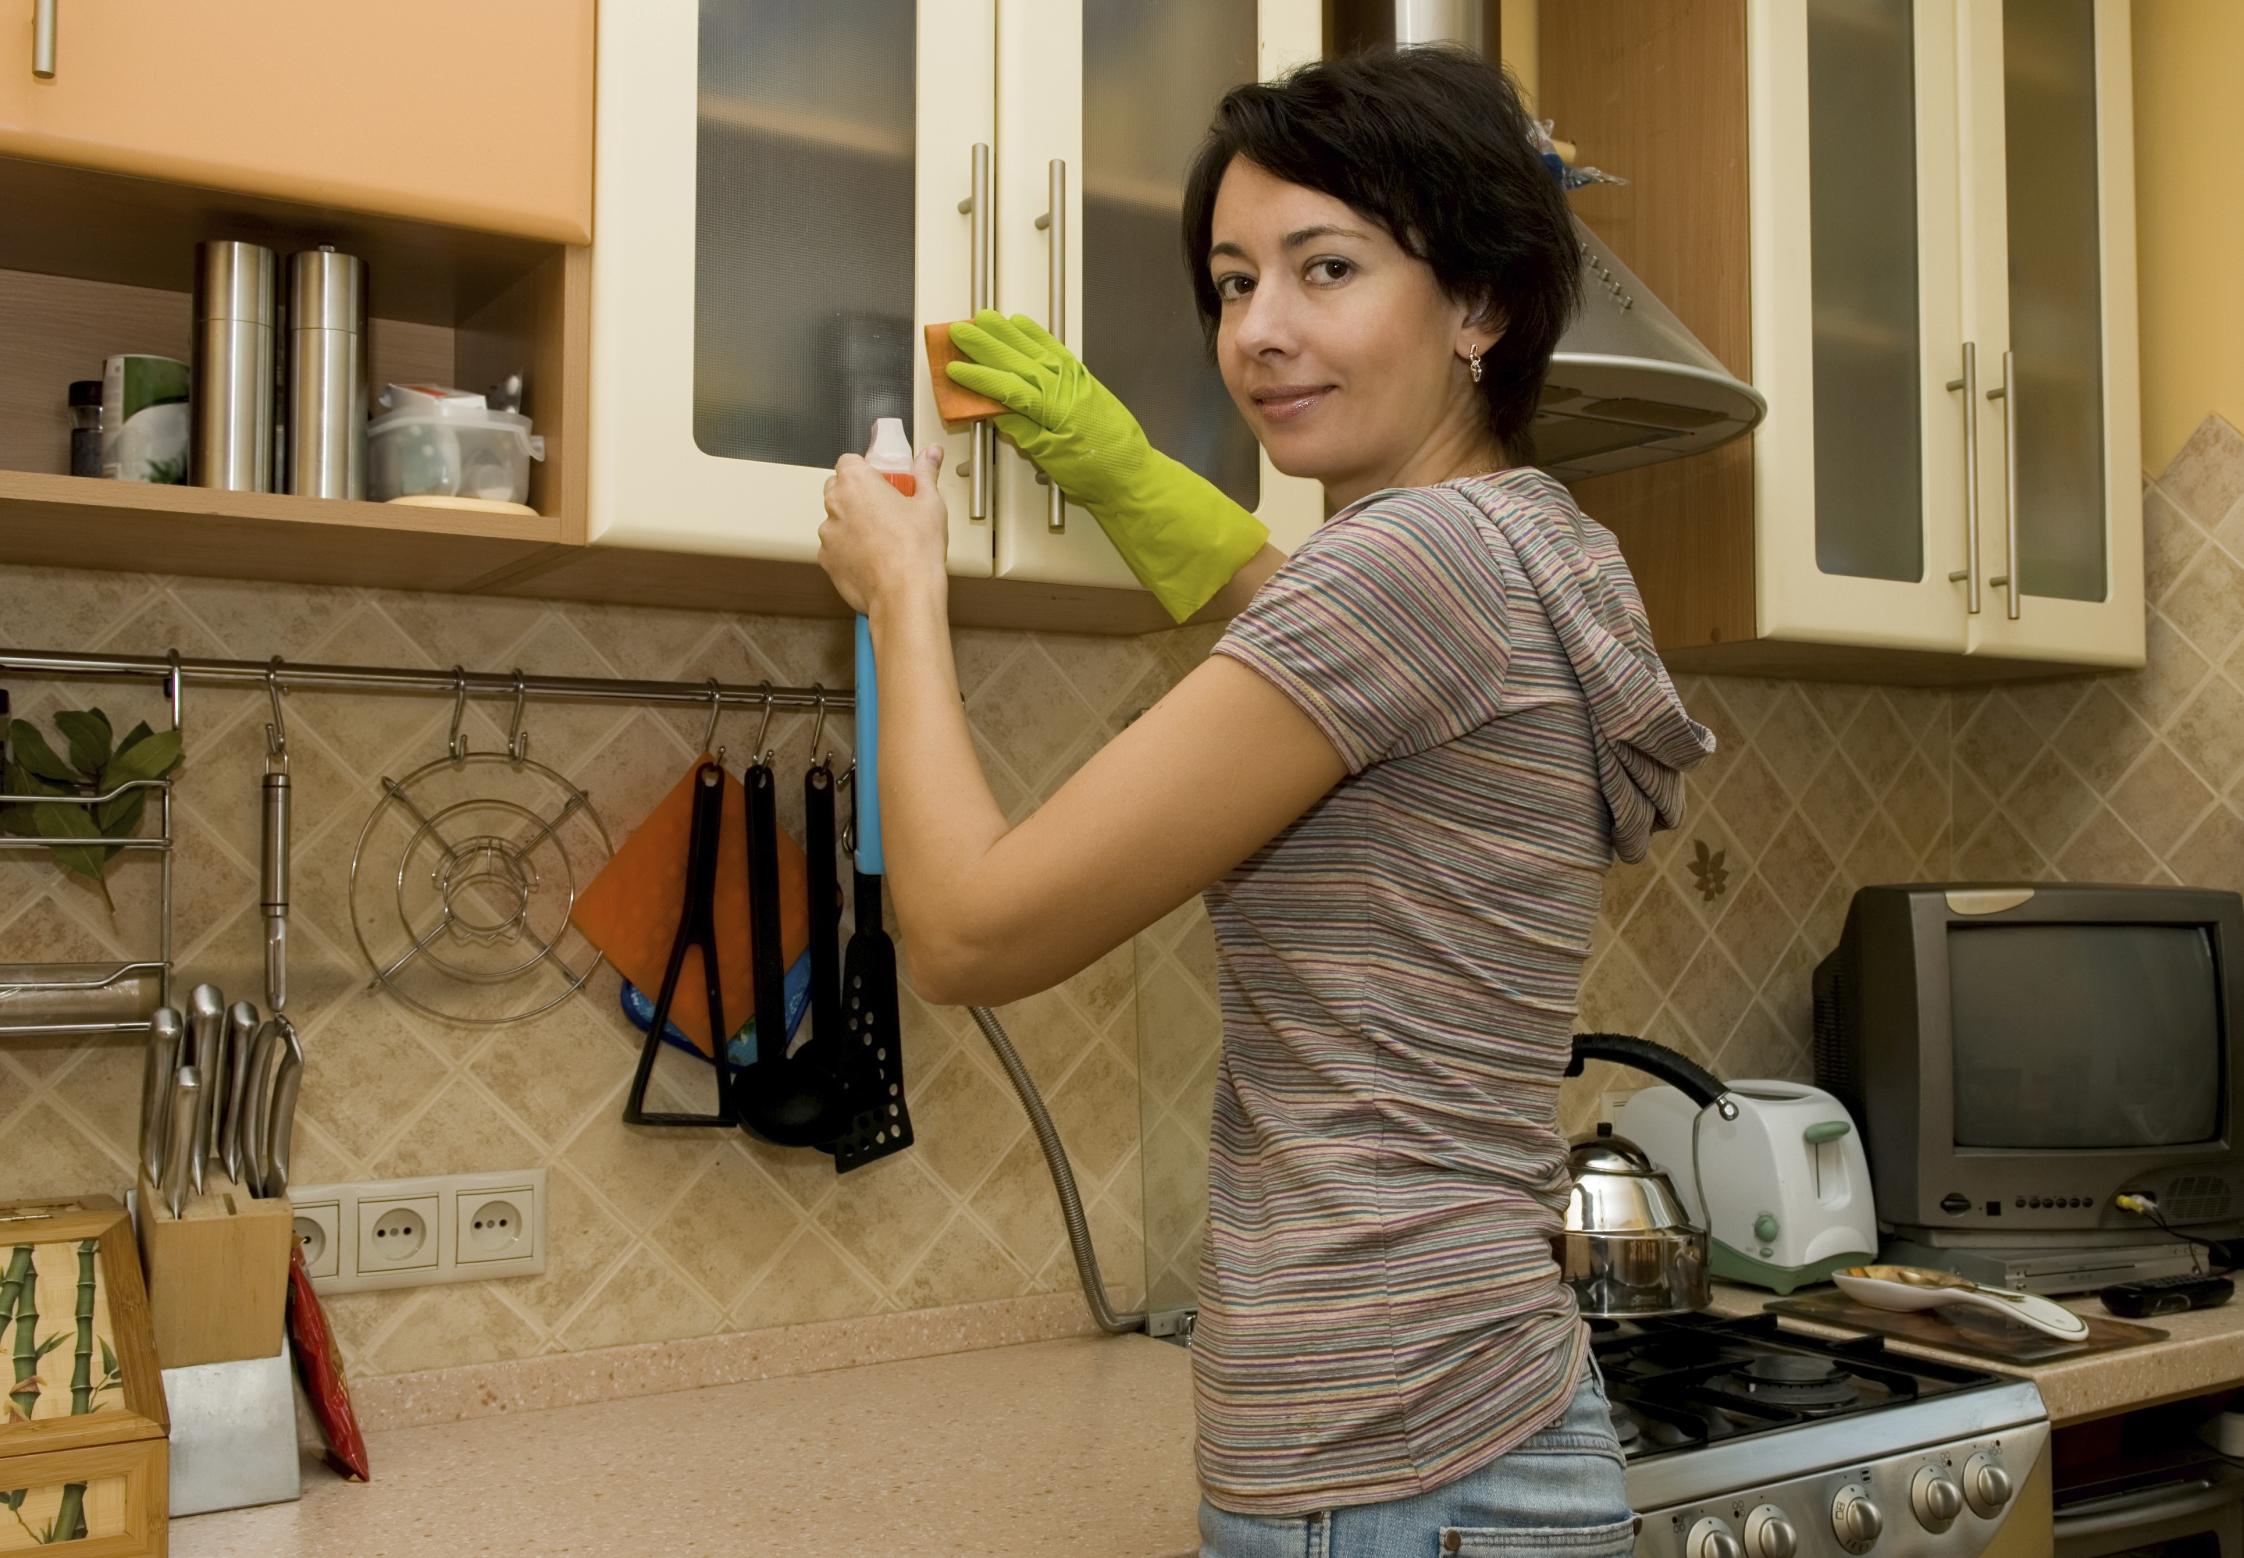 Генеральная уборка в доме своими руками